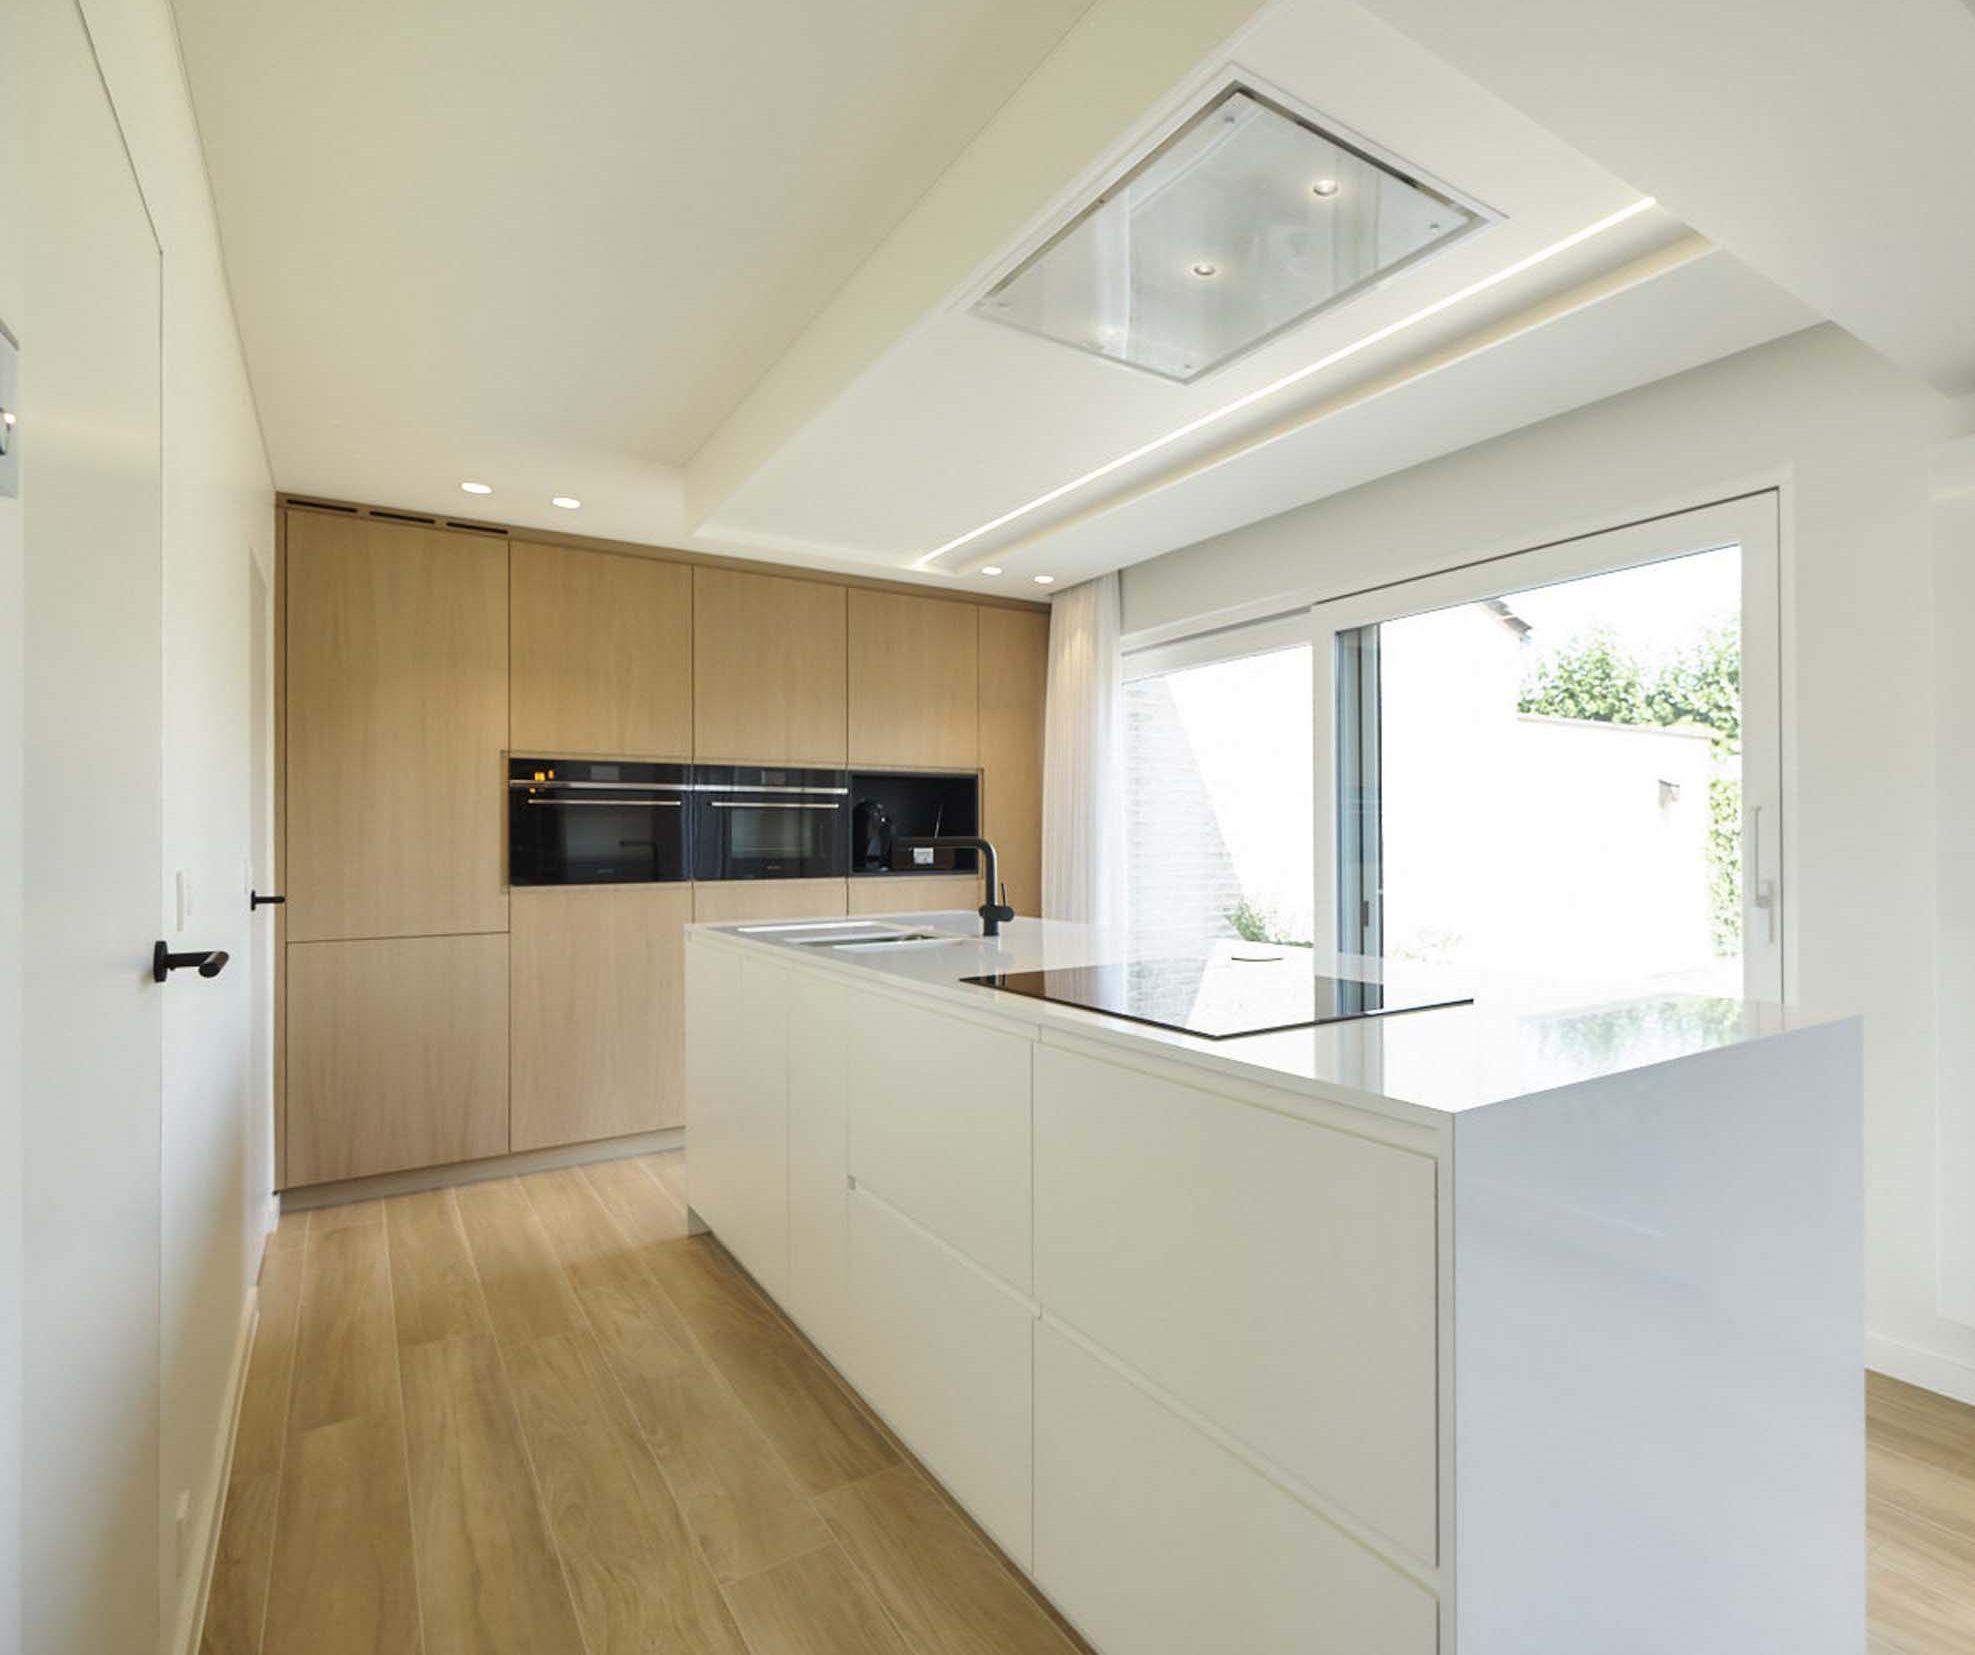 Vanda-projects-interieurinrichting-meubelmakerij-oost-vlaanderen-verfaillie-anne-keuken-inrichting